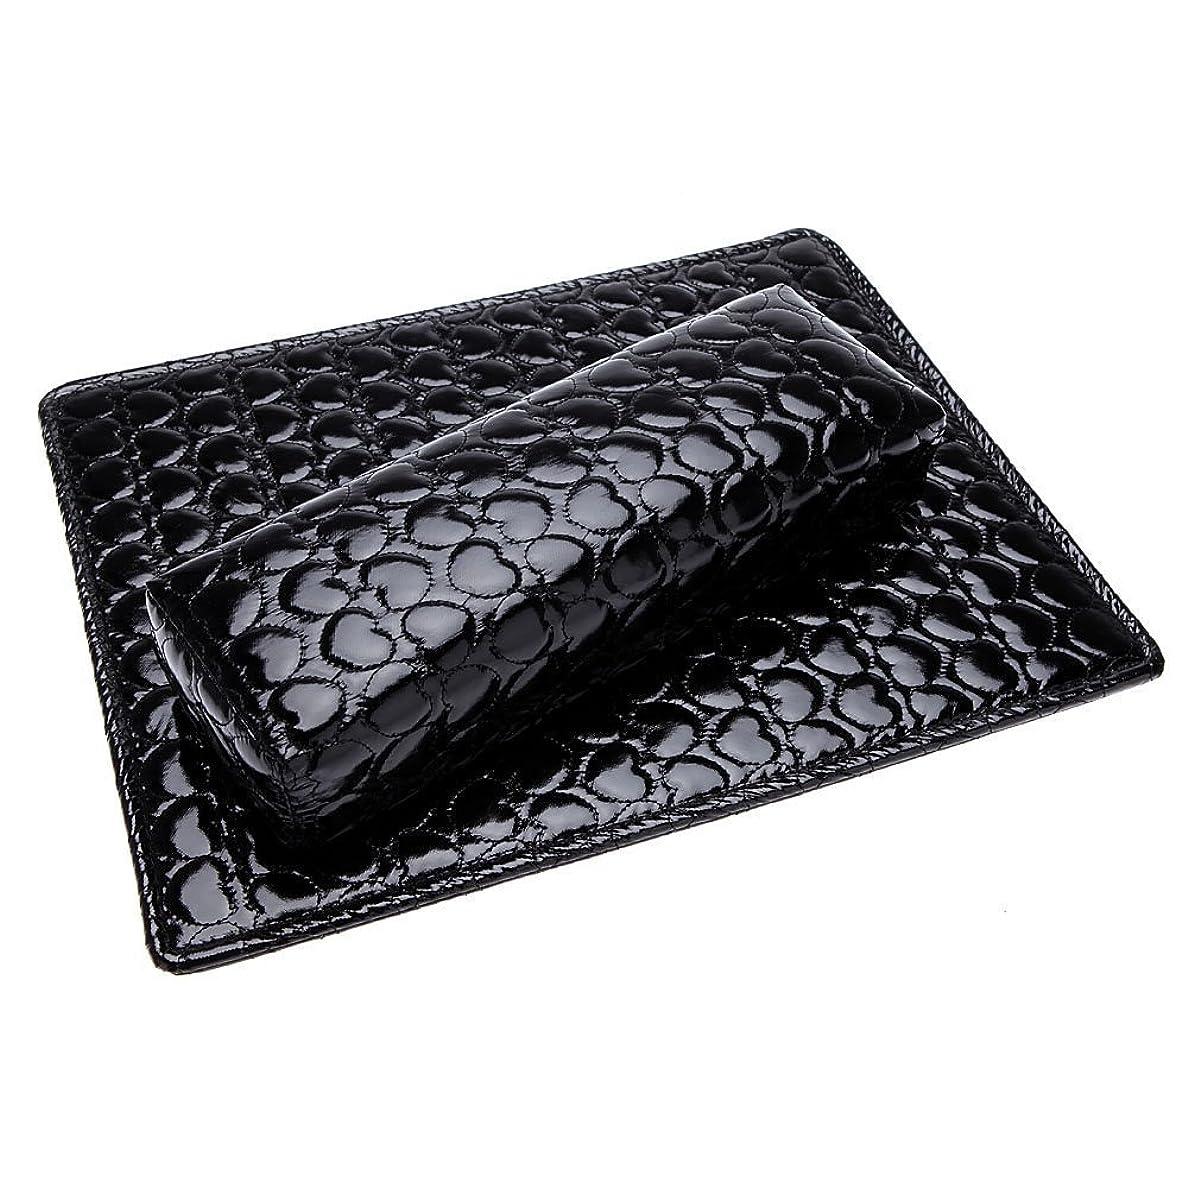 十分ではない実行するチョップSODIAL ソフトハンドクッション枕とパッドレストネイルアートアームレストホルダー マニキュアネイルアートアクセサリー PUレザー 黒